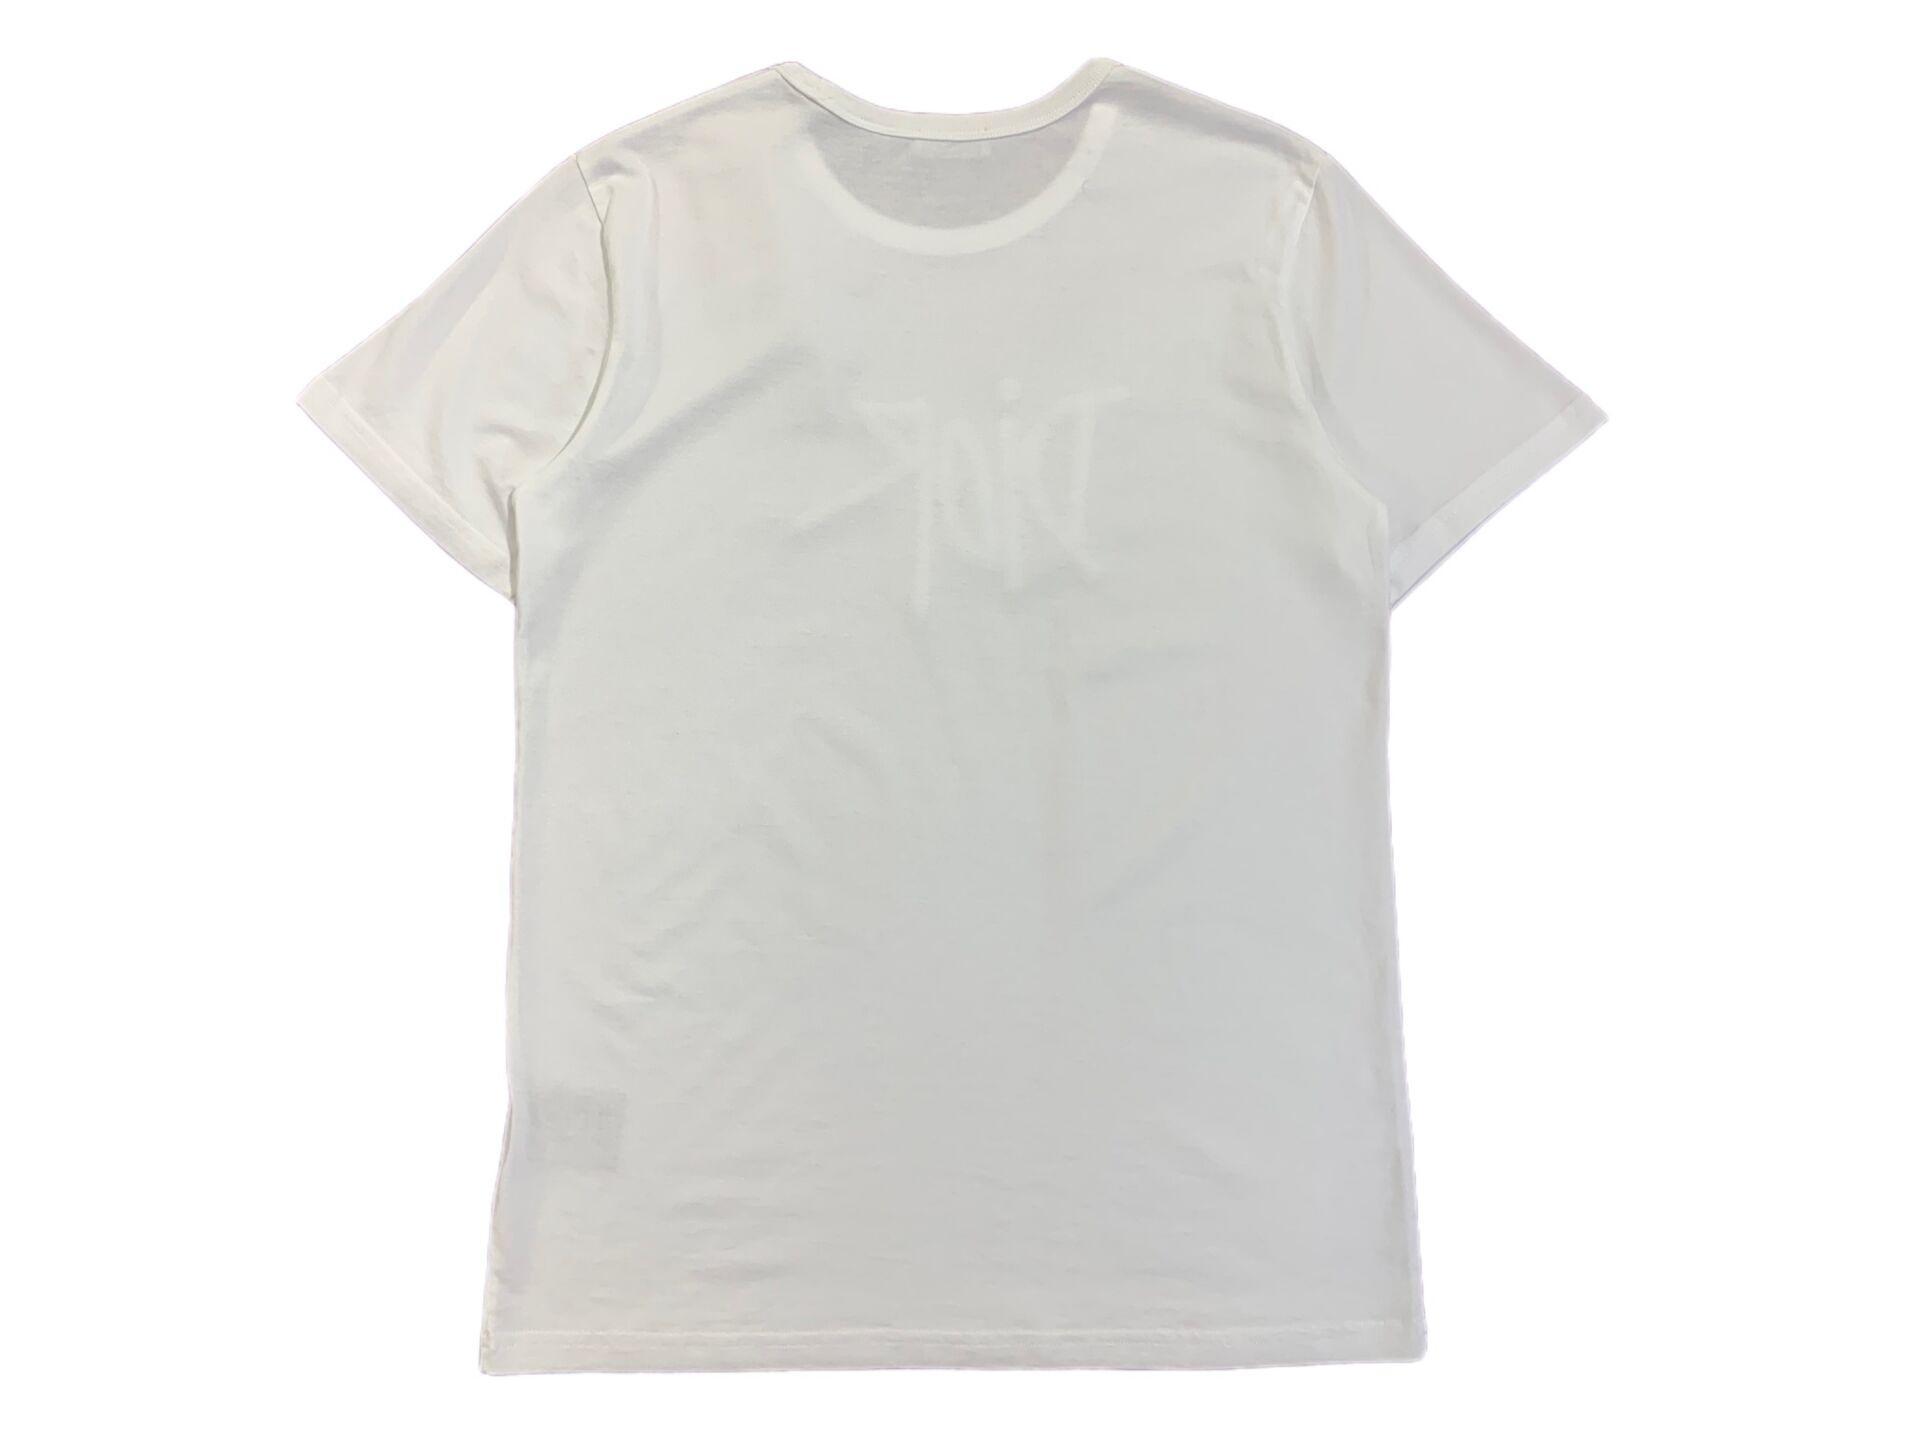 AND SHAWN OVERSIZED T-SHIRT White Cotton      tshirt      men tshirt   7